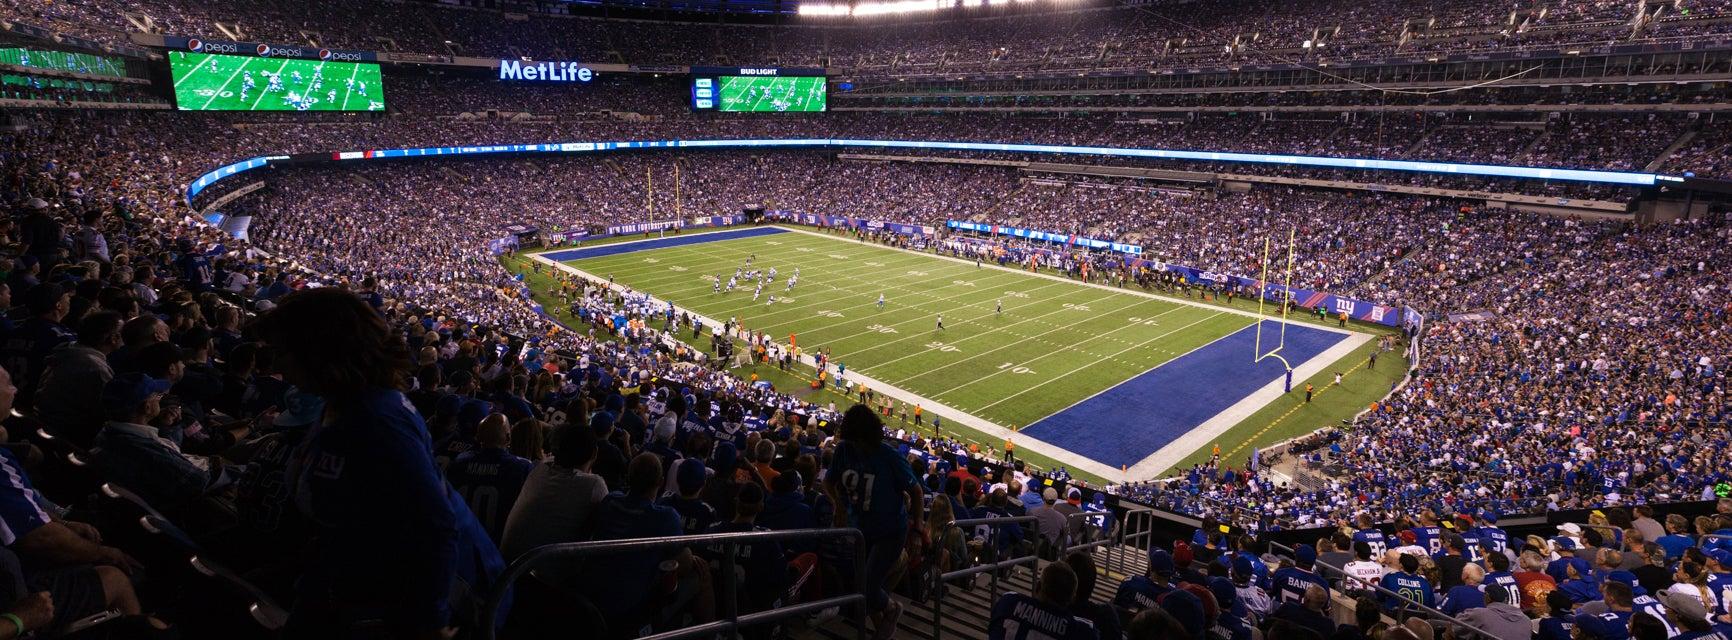 Seat view from Mezzanine Club C